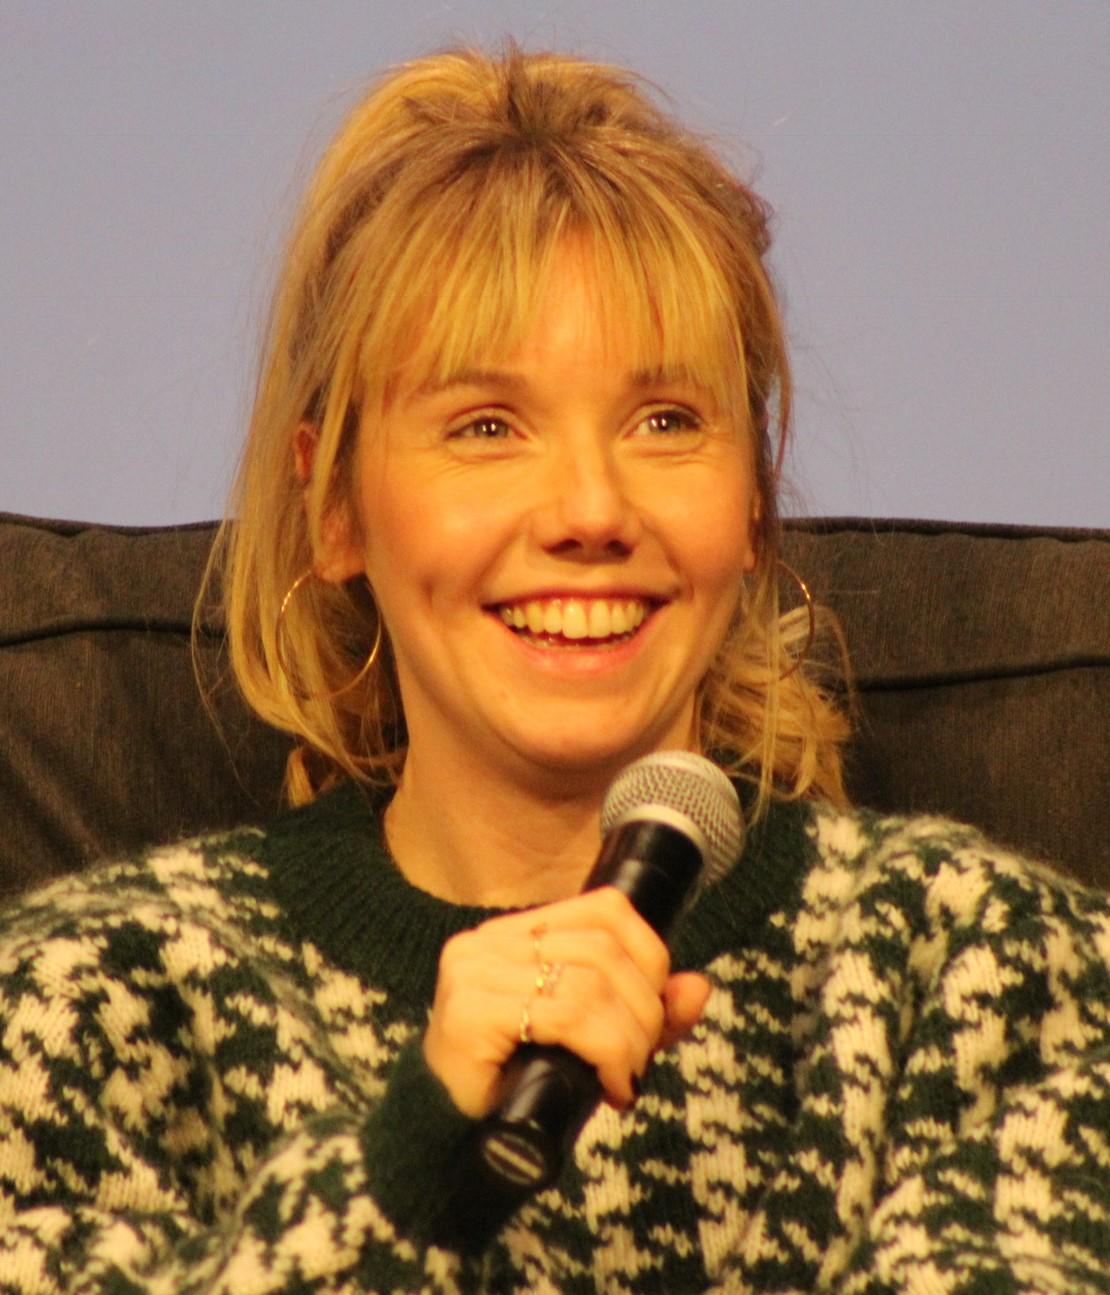 Five Star App >> Lauren Lyle - Wikipedia